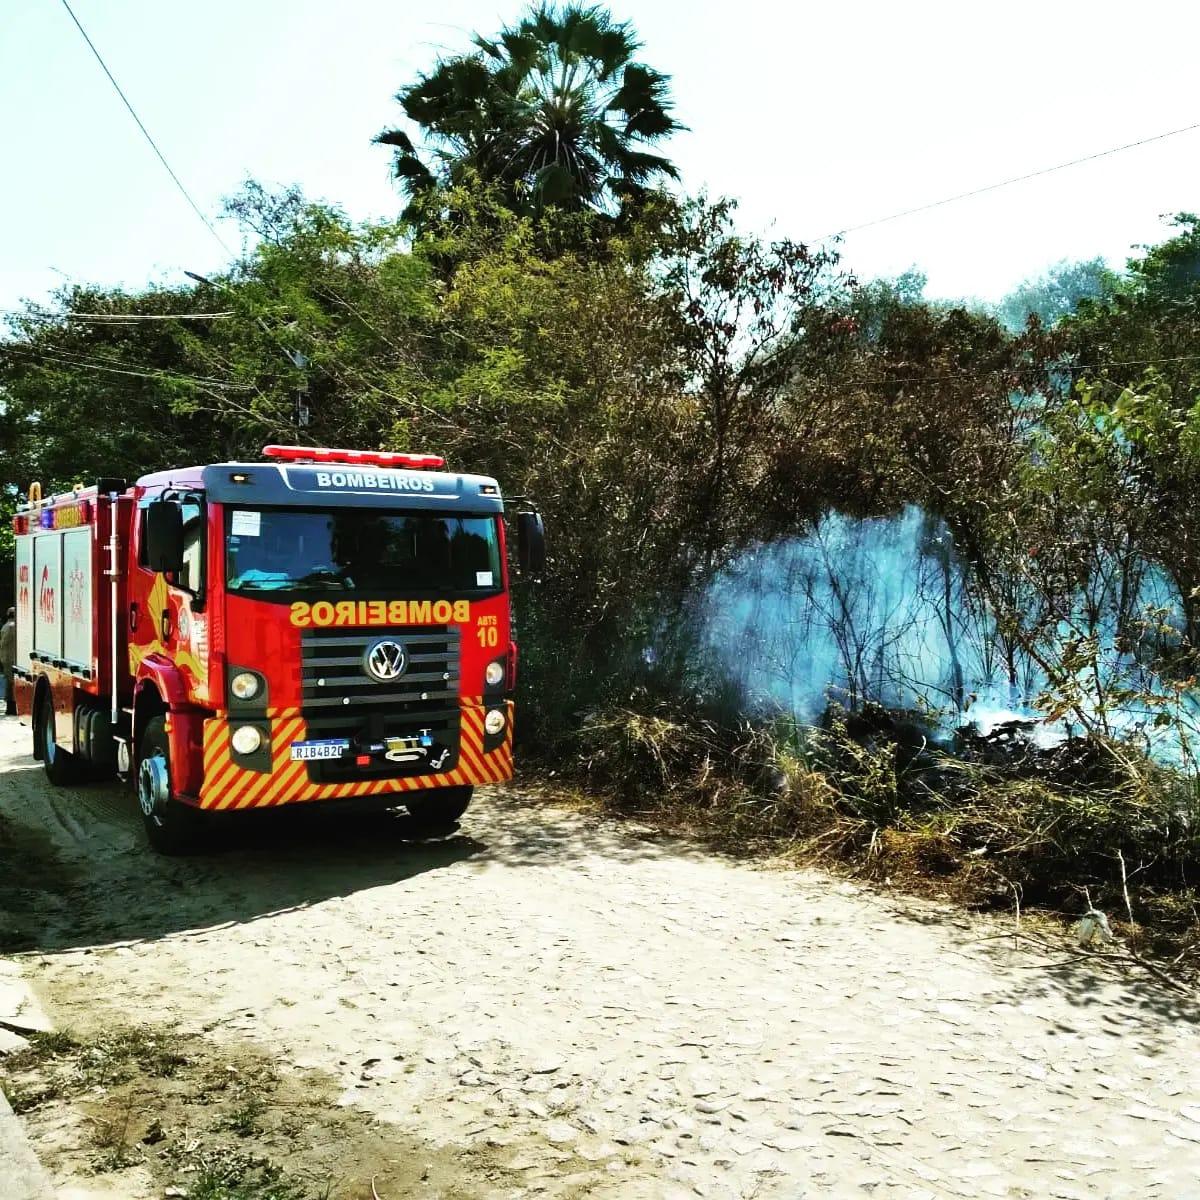 Bombeiros de Maracanaú apagam incêndio em vegetação no Parque Luzardo Viana